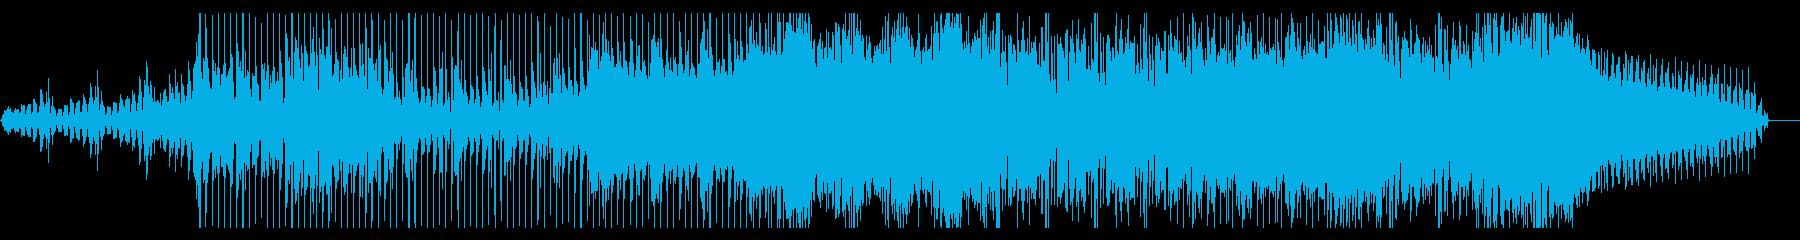 ダーティーなモジュラーテクノの再生済みの波形